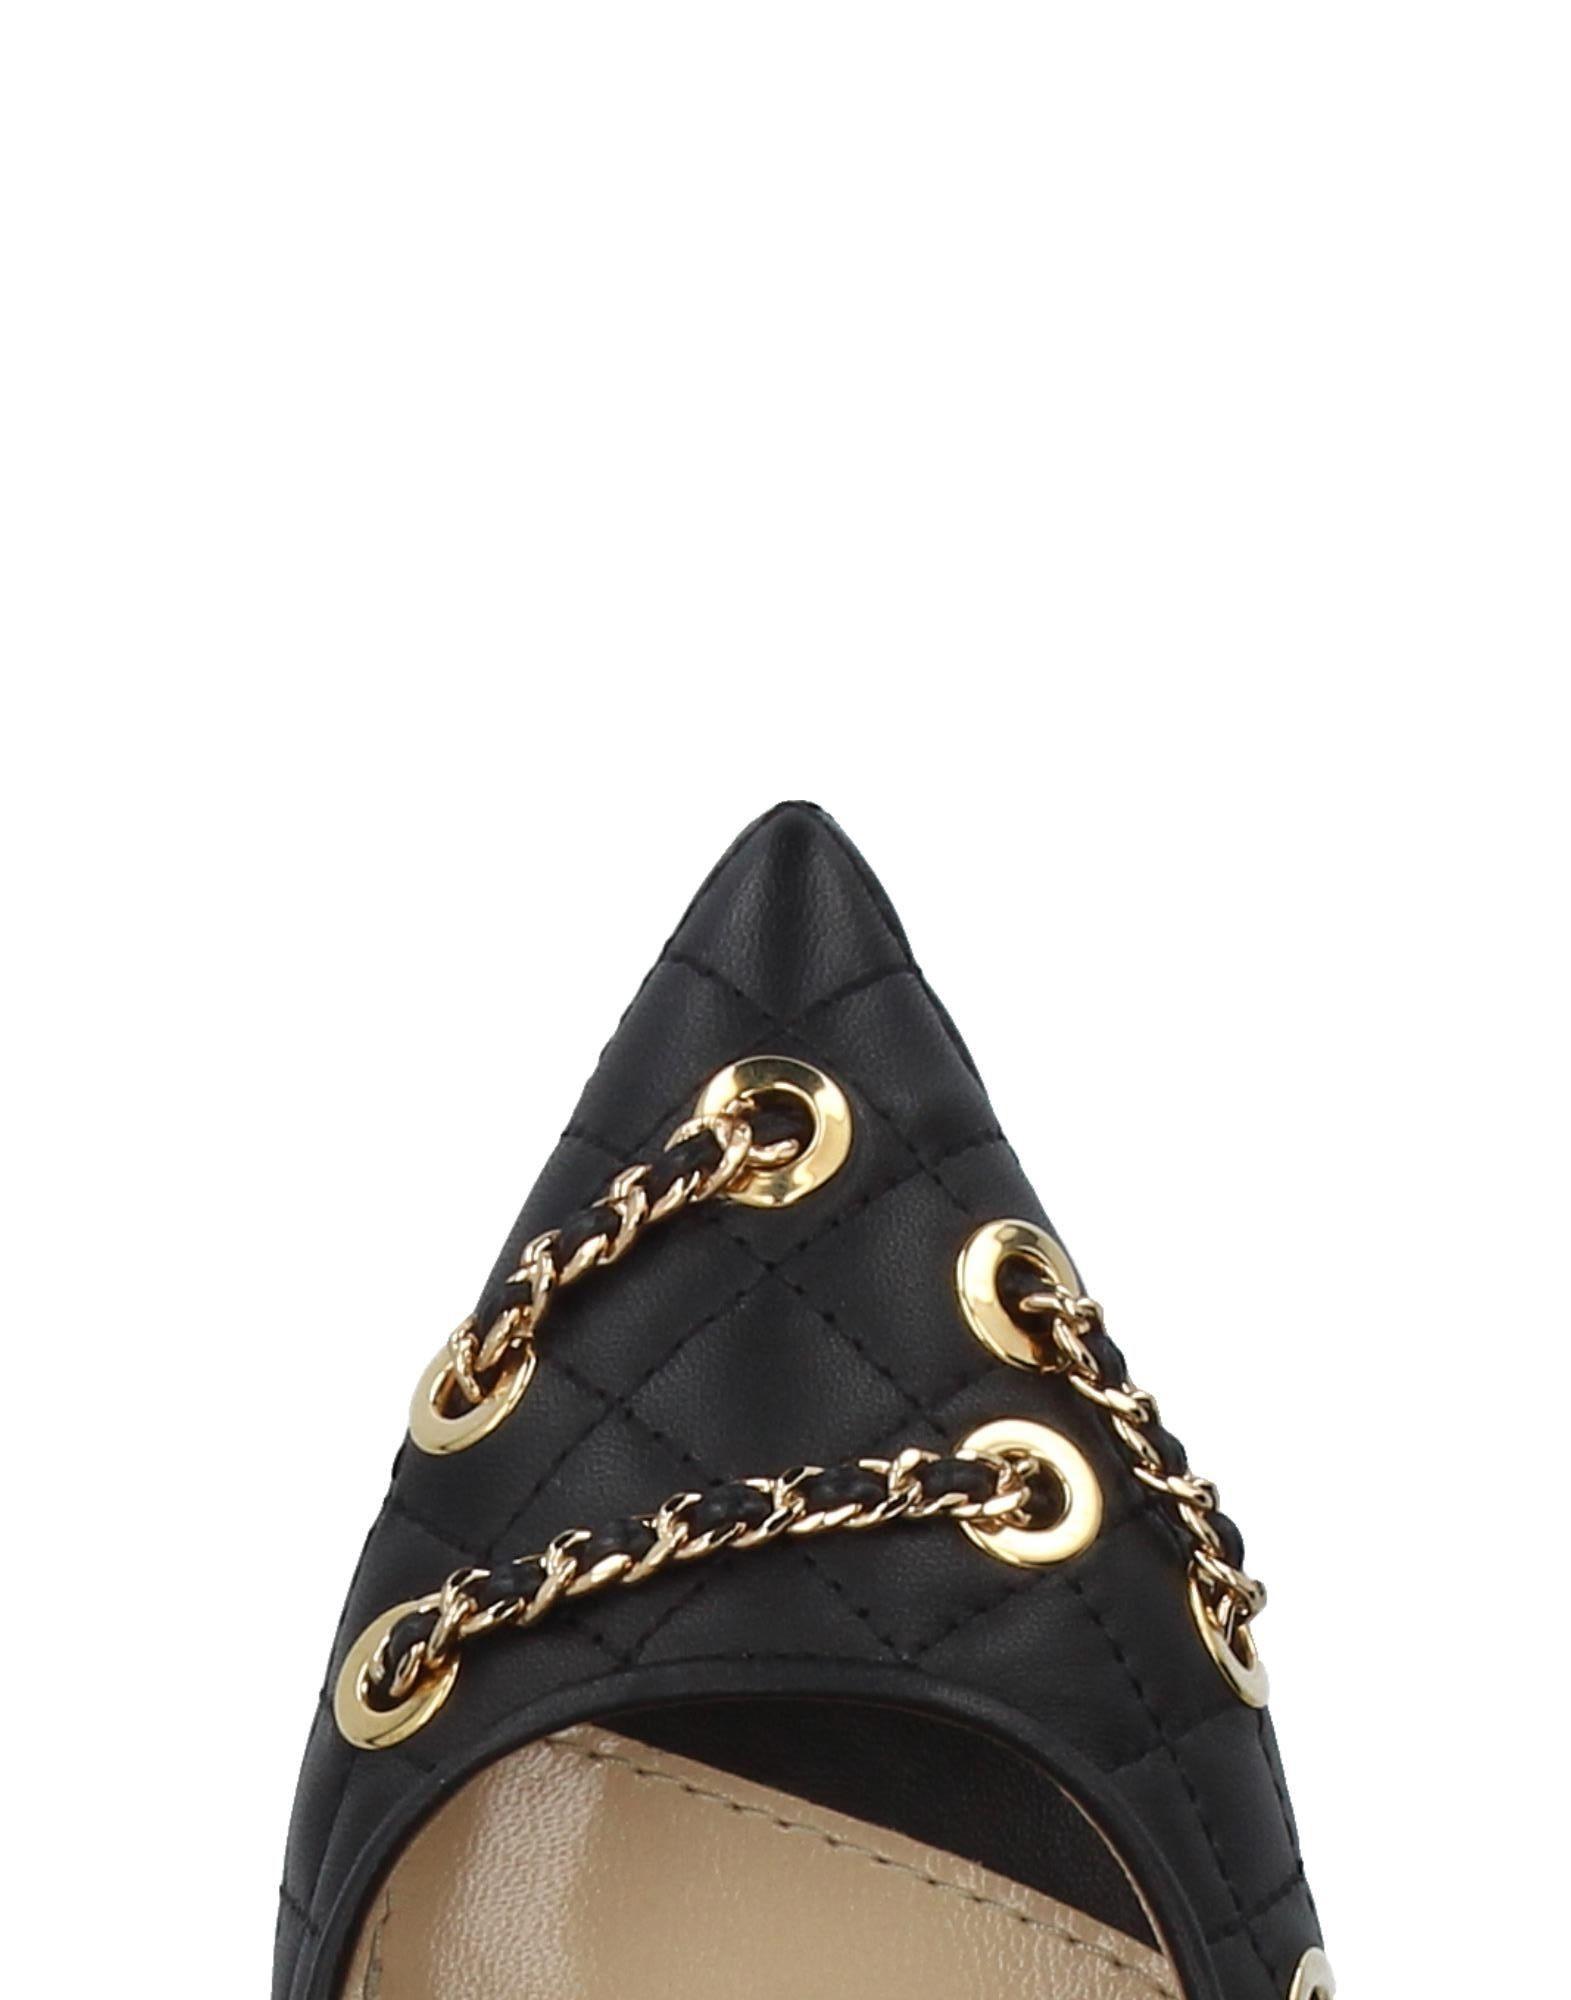 Stilvolle billige Schuhe Moschino Pumps Pumps Moschino Damen  11417121KR 2fdf85